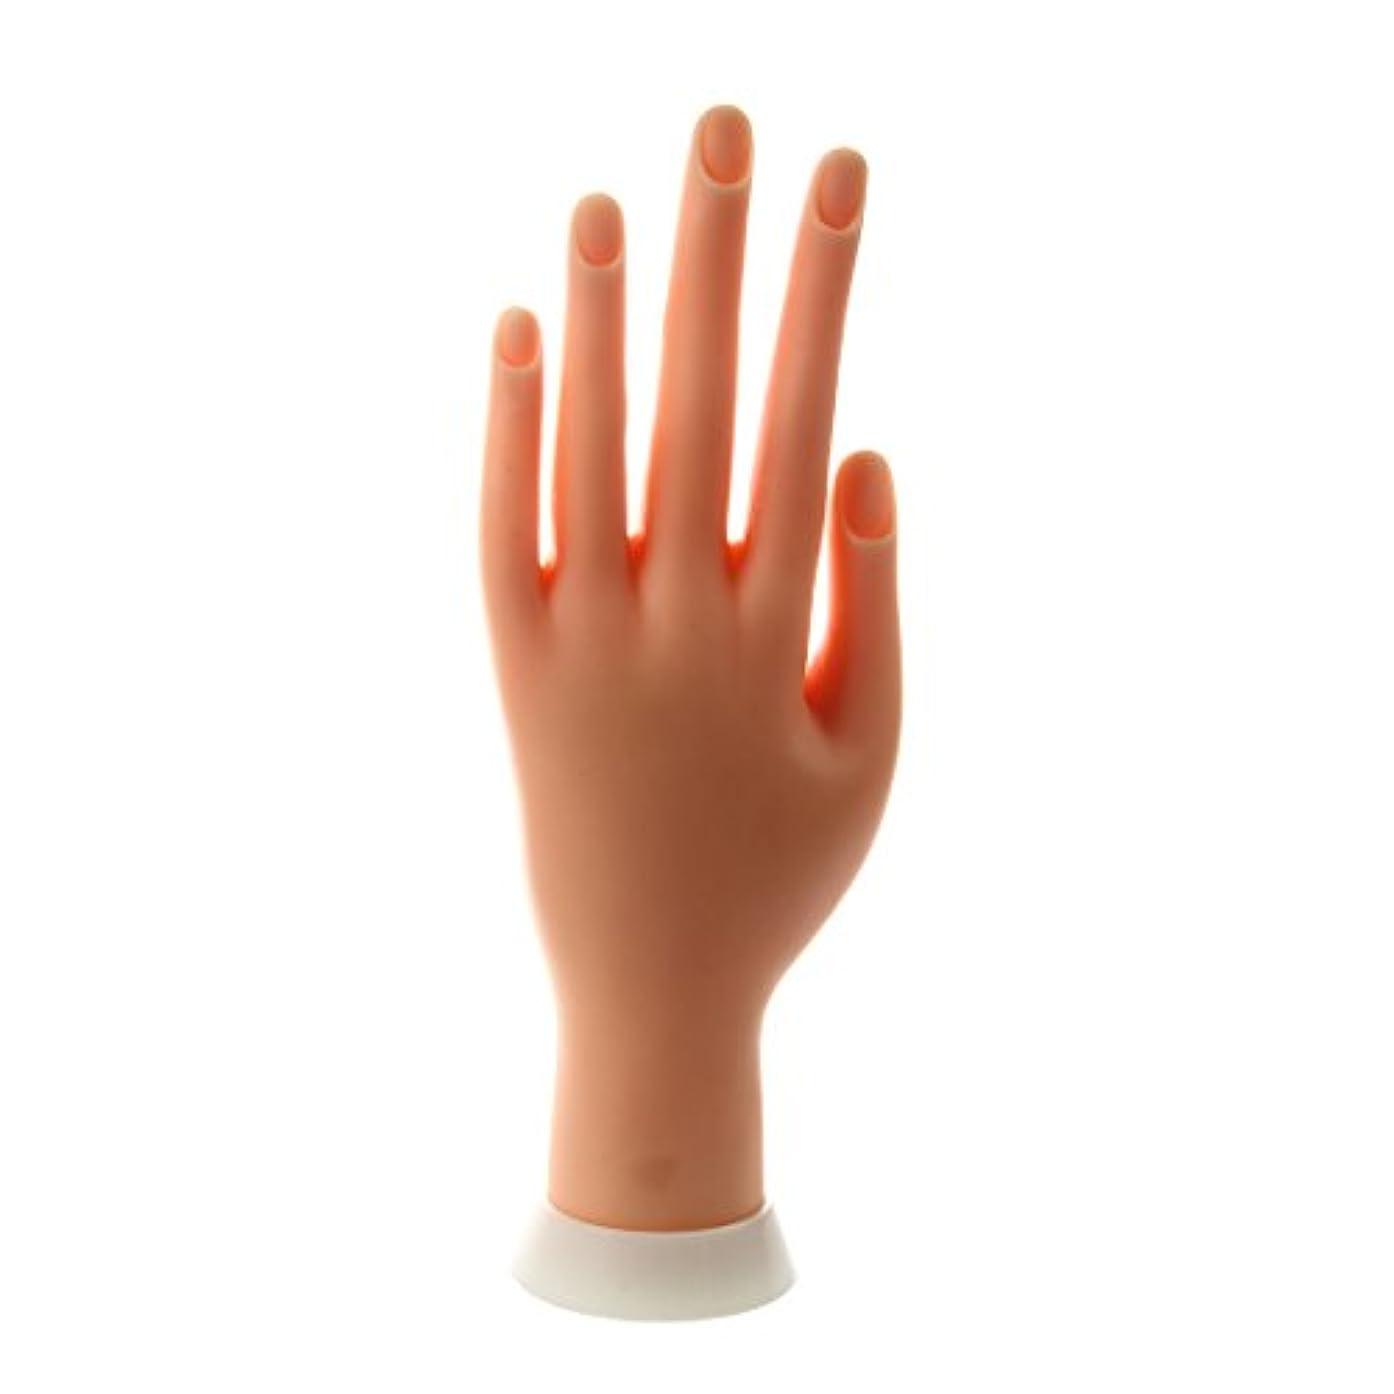 ほめる古い永遠のSODIAL(R) ネイルアートの練習のためのモデル左手